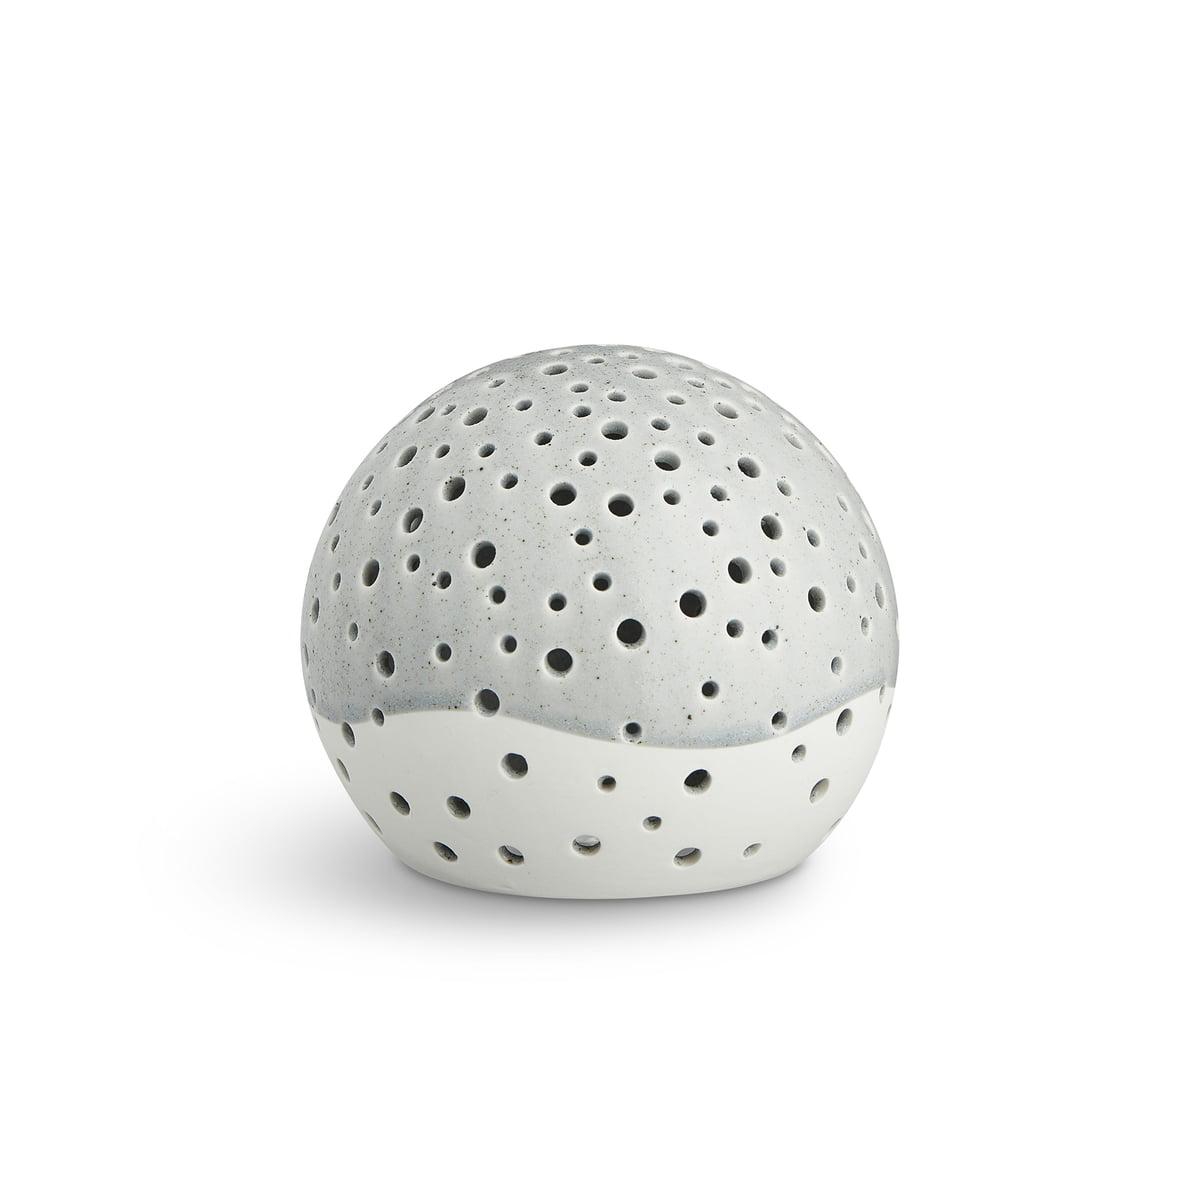 Kähler Design - Nobili Teelichtleuchter Kugel Ø 12 cm, grau | Dekoration > Kerzen und Kerzenständer > Teelichter | Schneeweiß | Keramik | Kähler Design